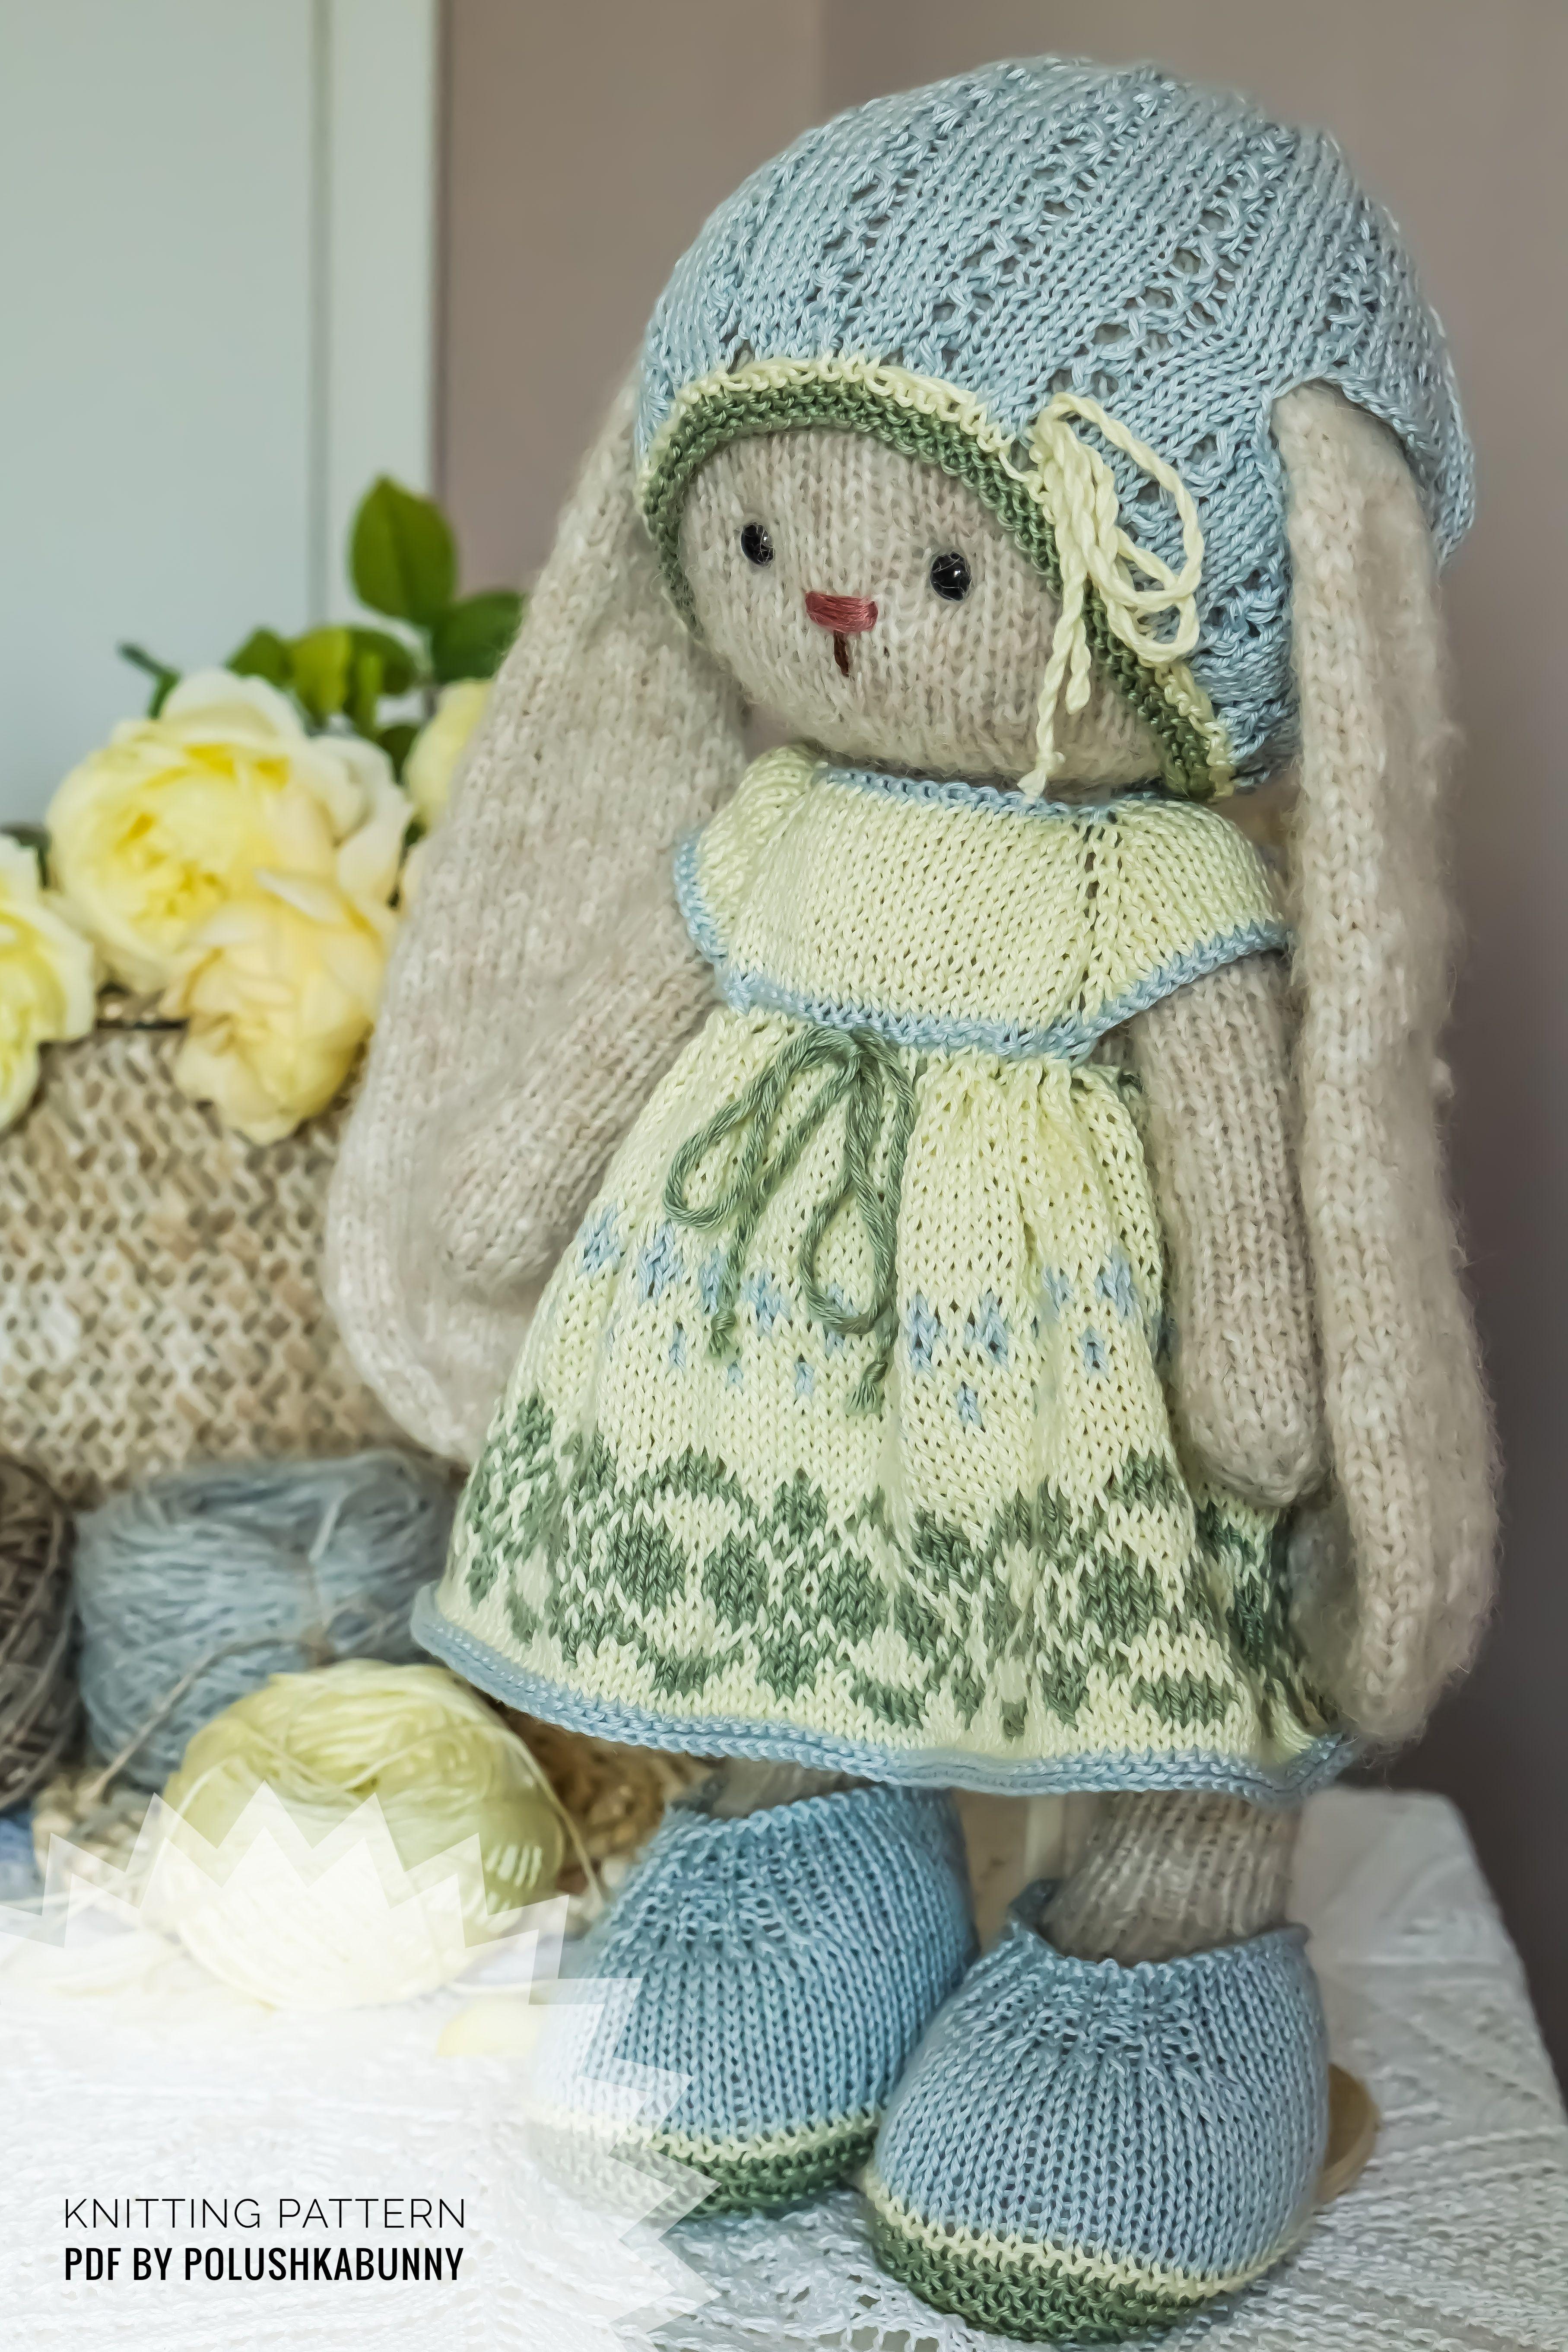 Rat crochet pattern, Crochet little rat, mouse crochet toy pattern ...   5445x3630